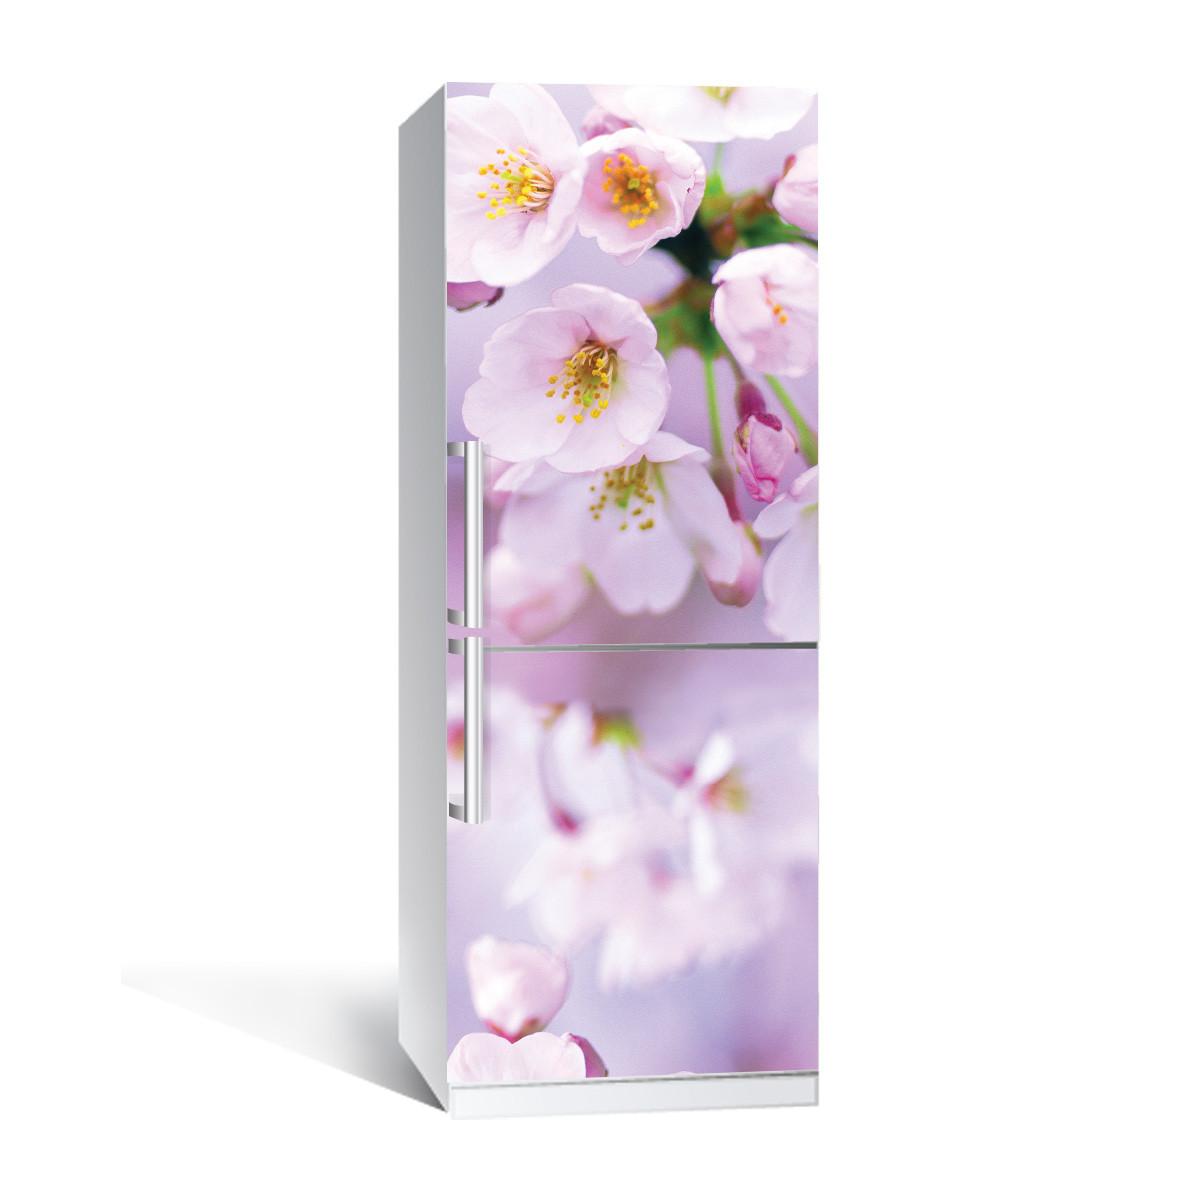 Вінілова наклейка на холодильник Квіти яблуні ламінована подвійна плівка рожеві квіти весна макро вишні